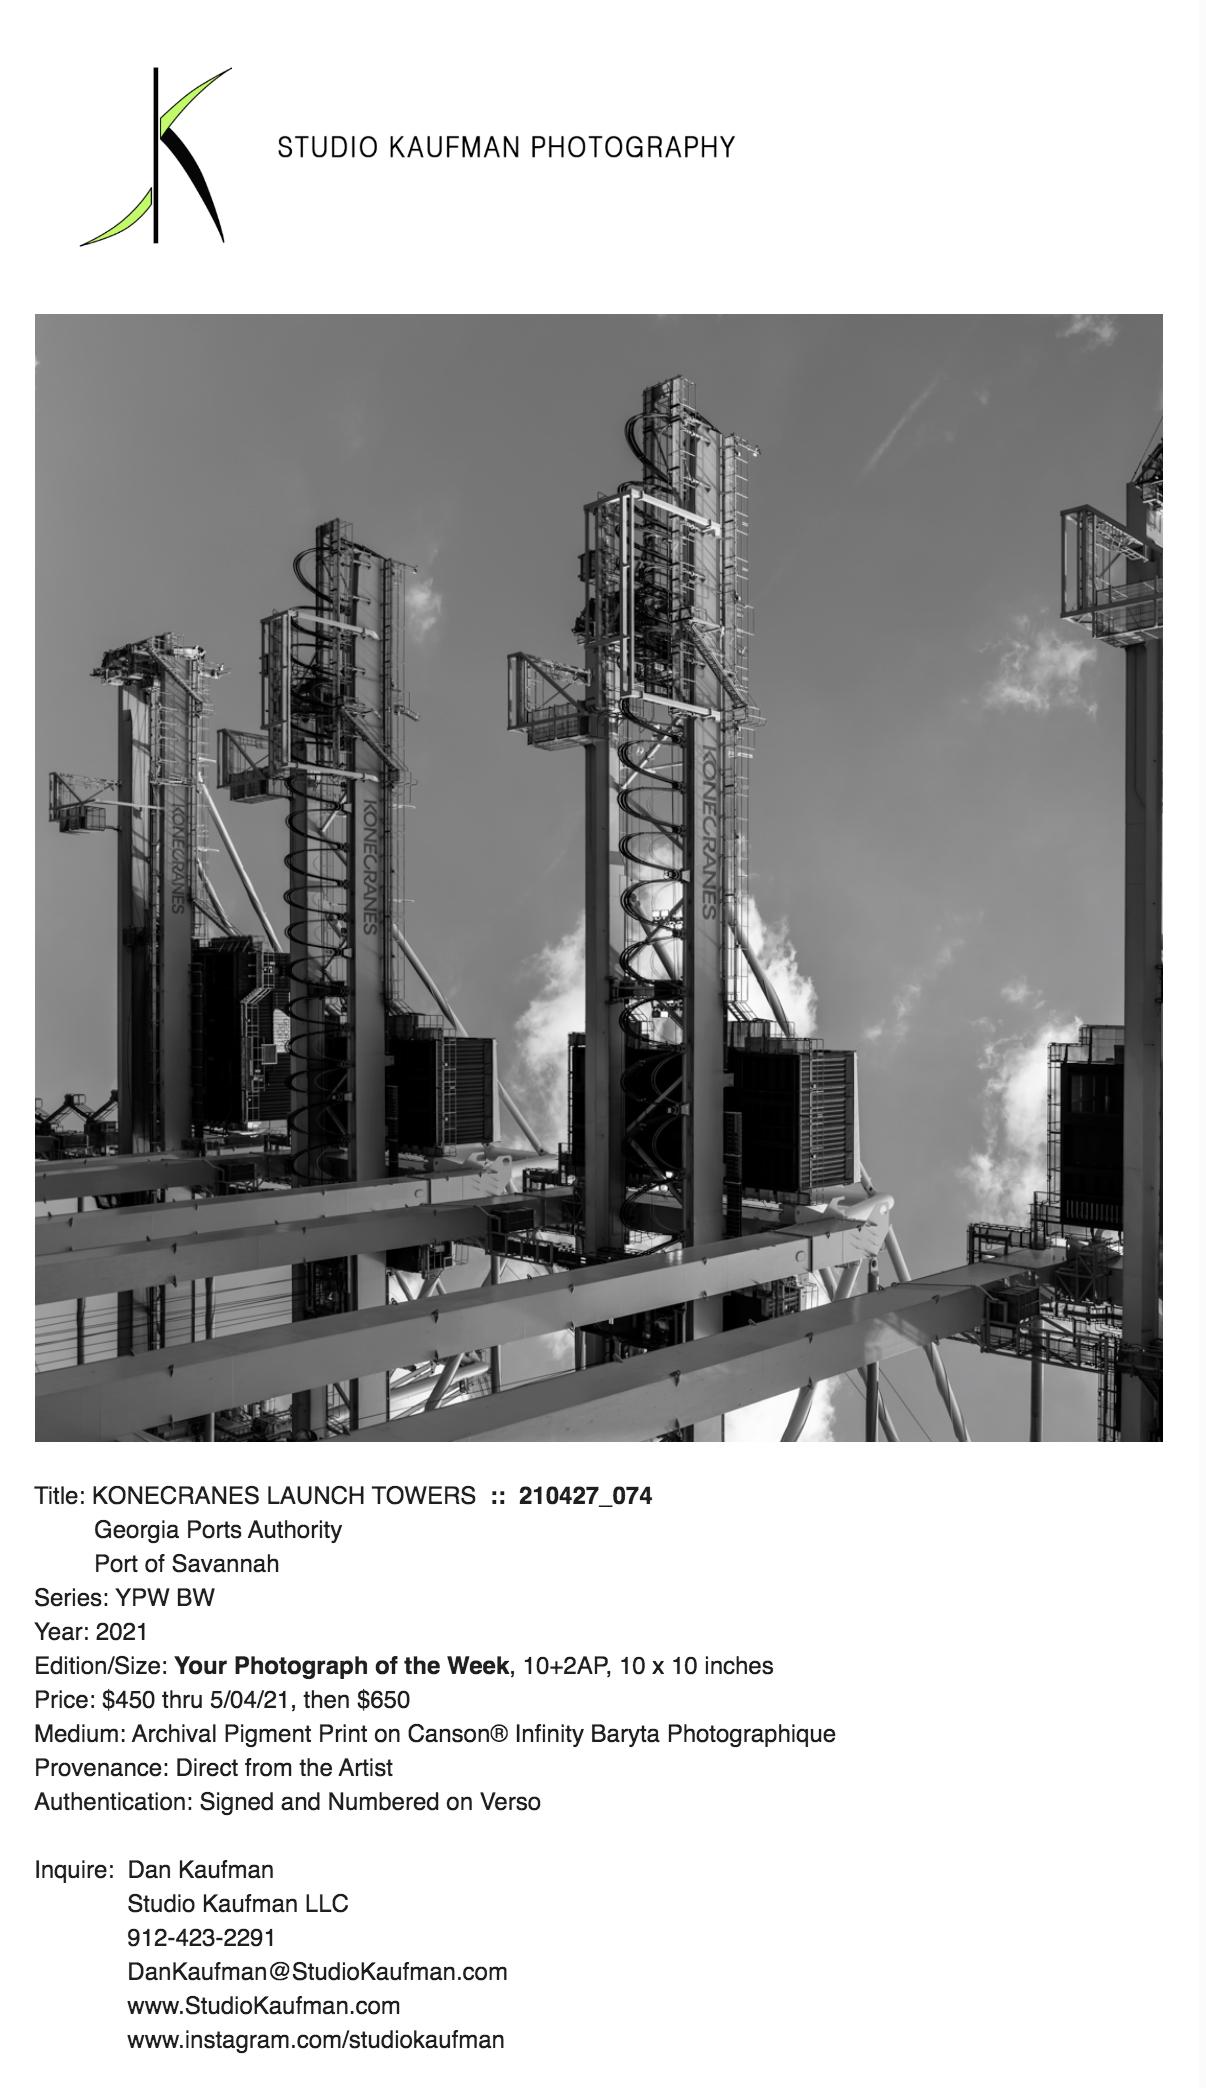 KONECRANES LAUNCH TOWERS by Dan Kaufman, Studio Kaufman